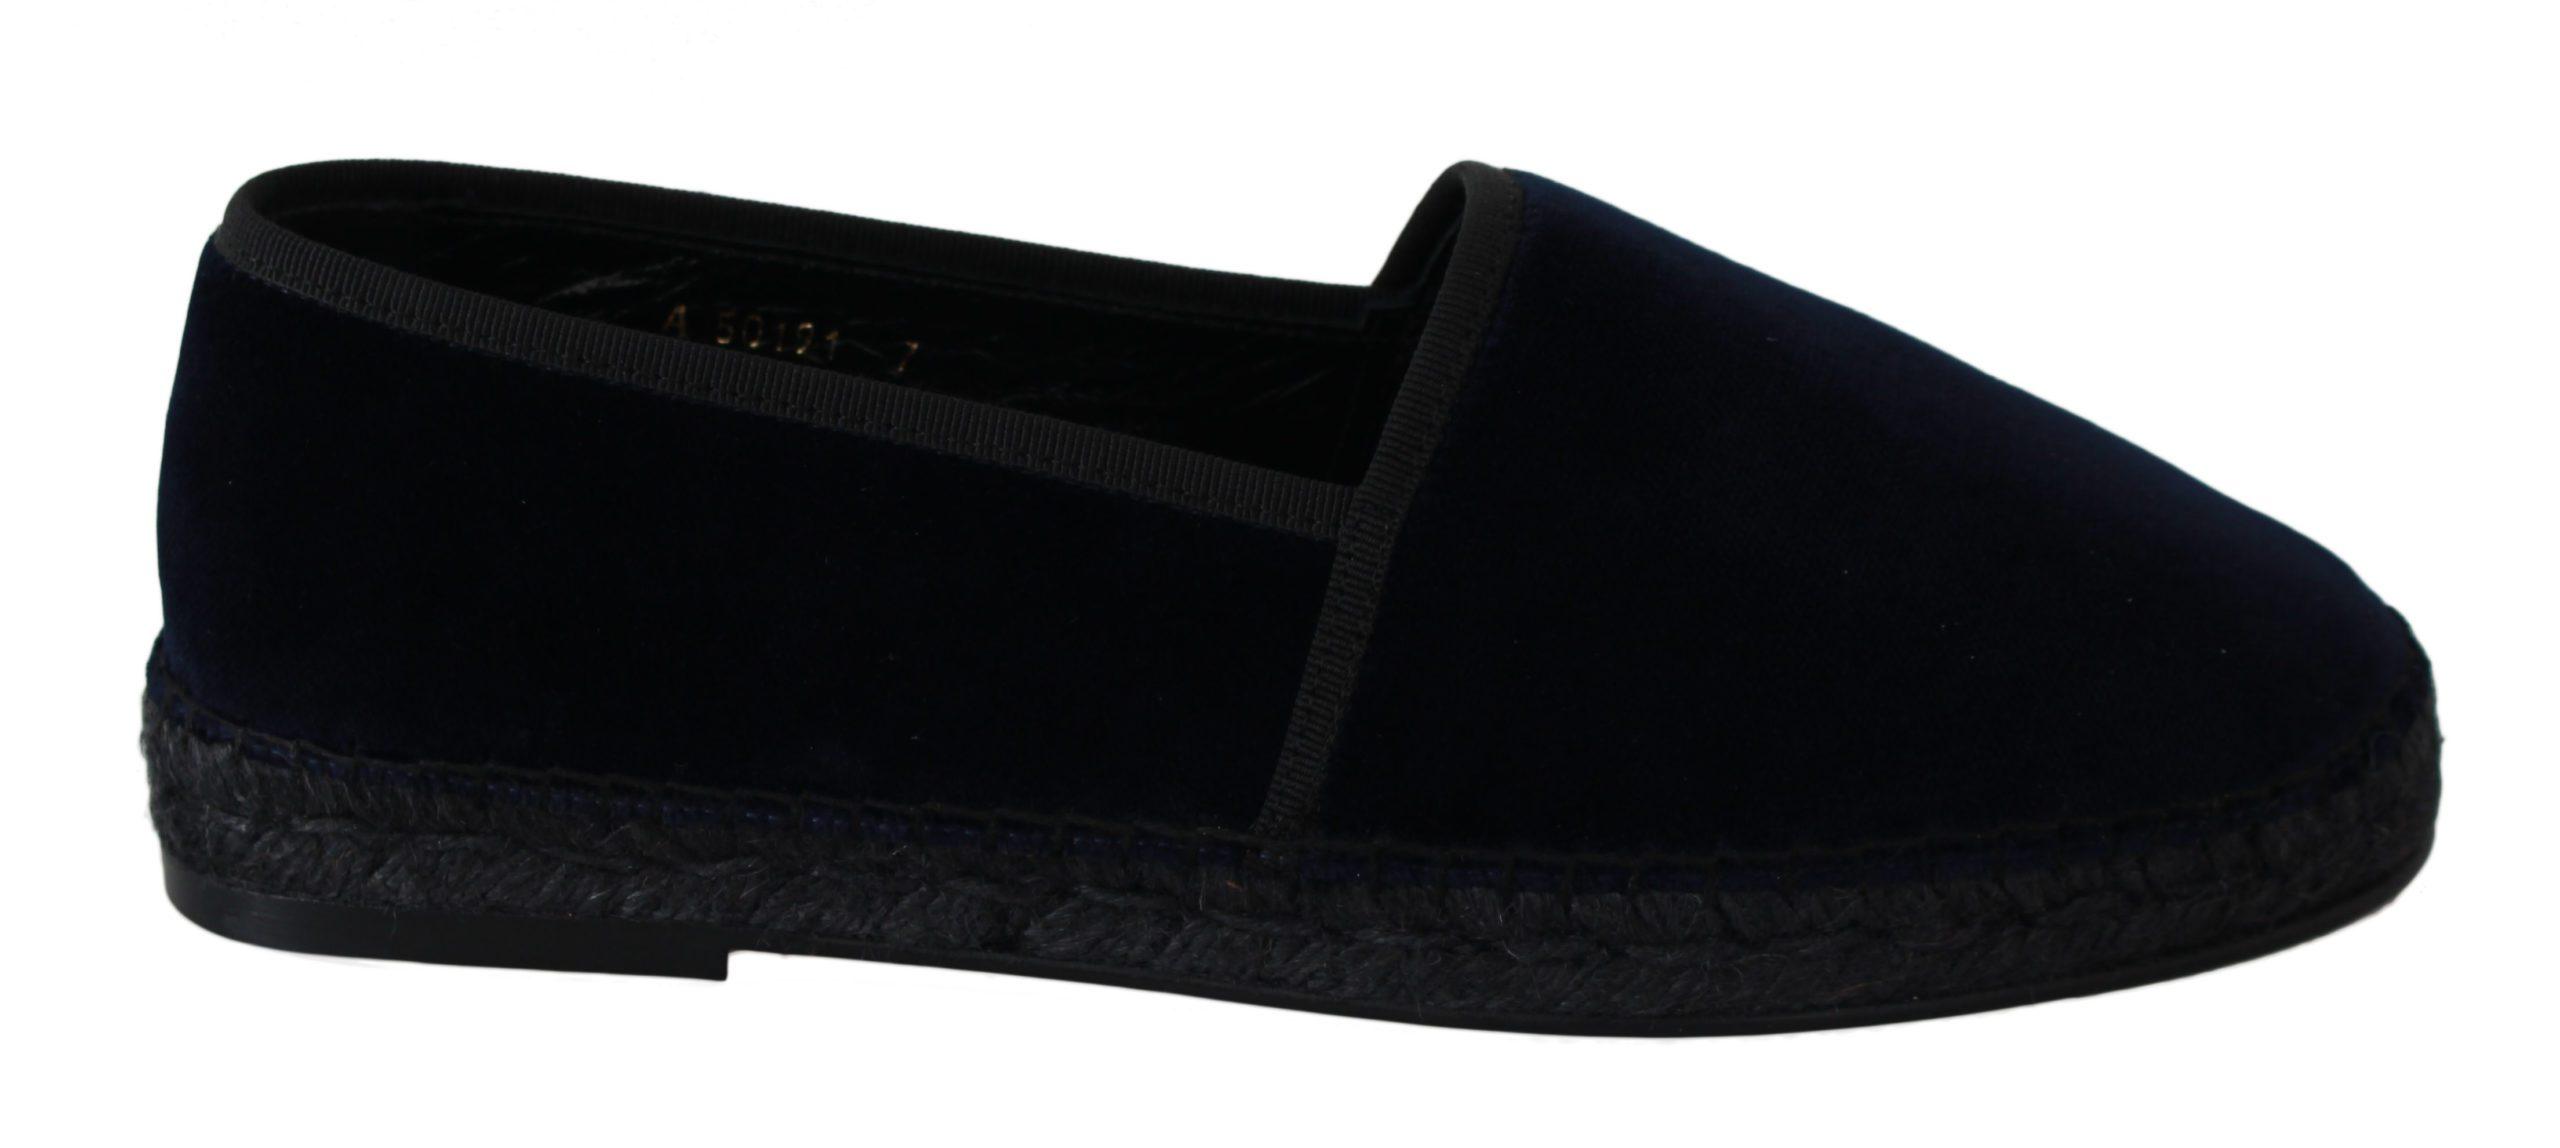 Dolce & Gabbana Men's Velvet Leather Espadrilles Flats Shoes Blue - EU41/US8